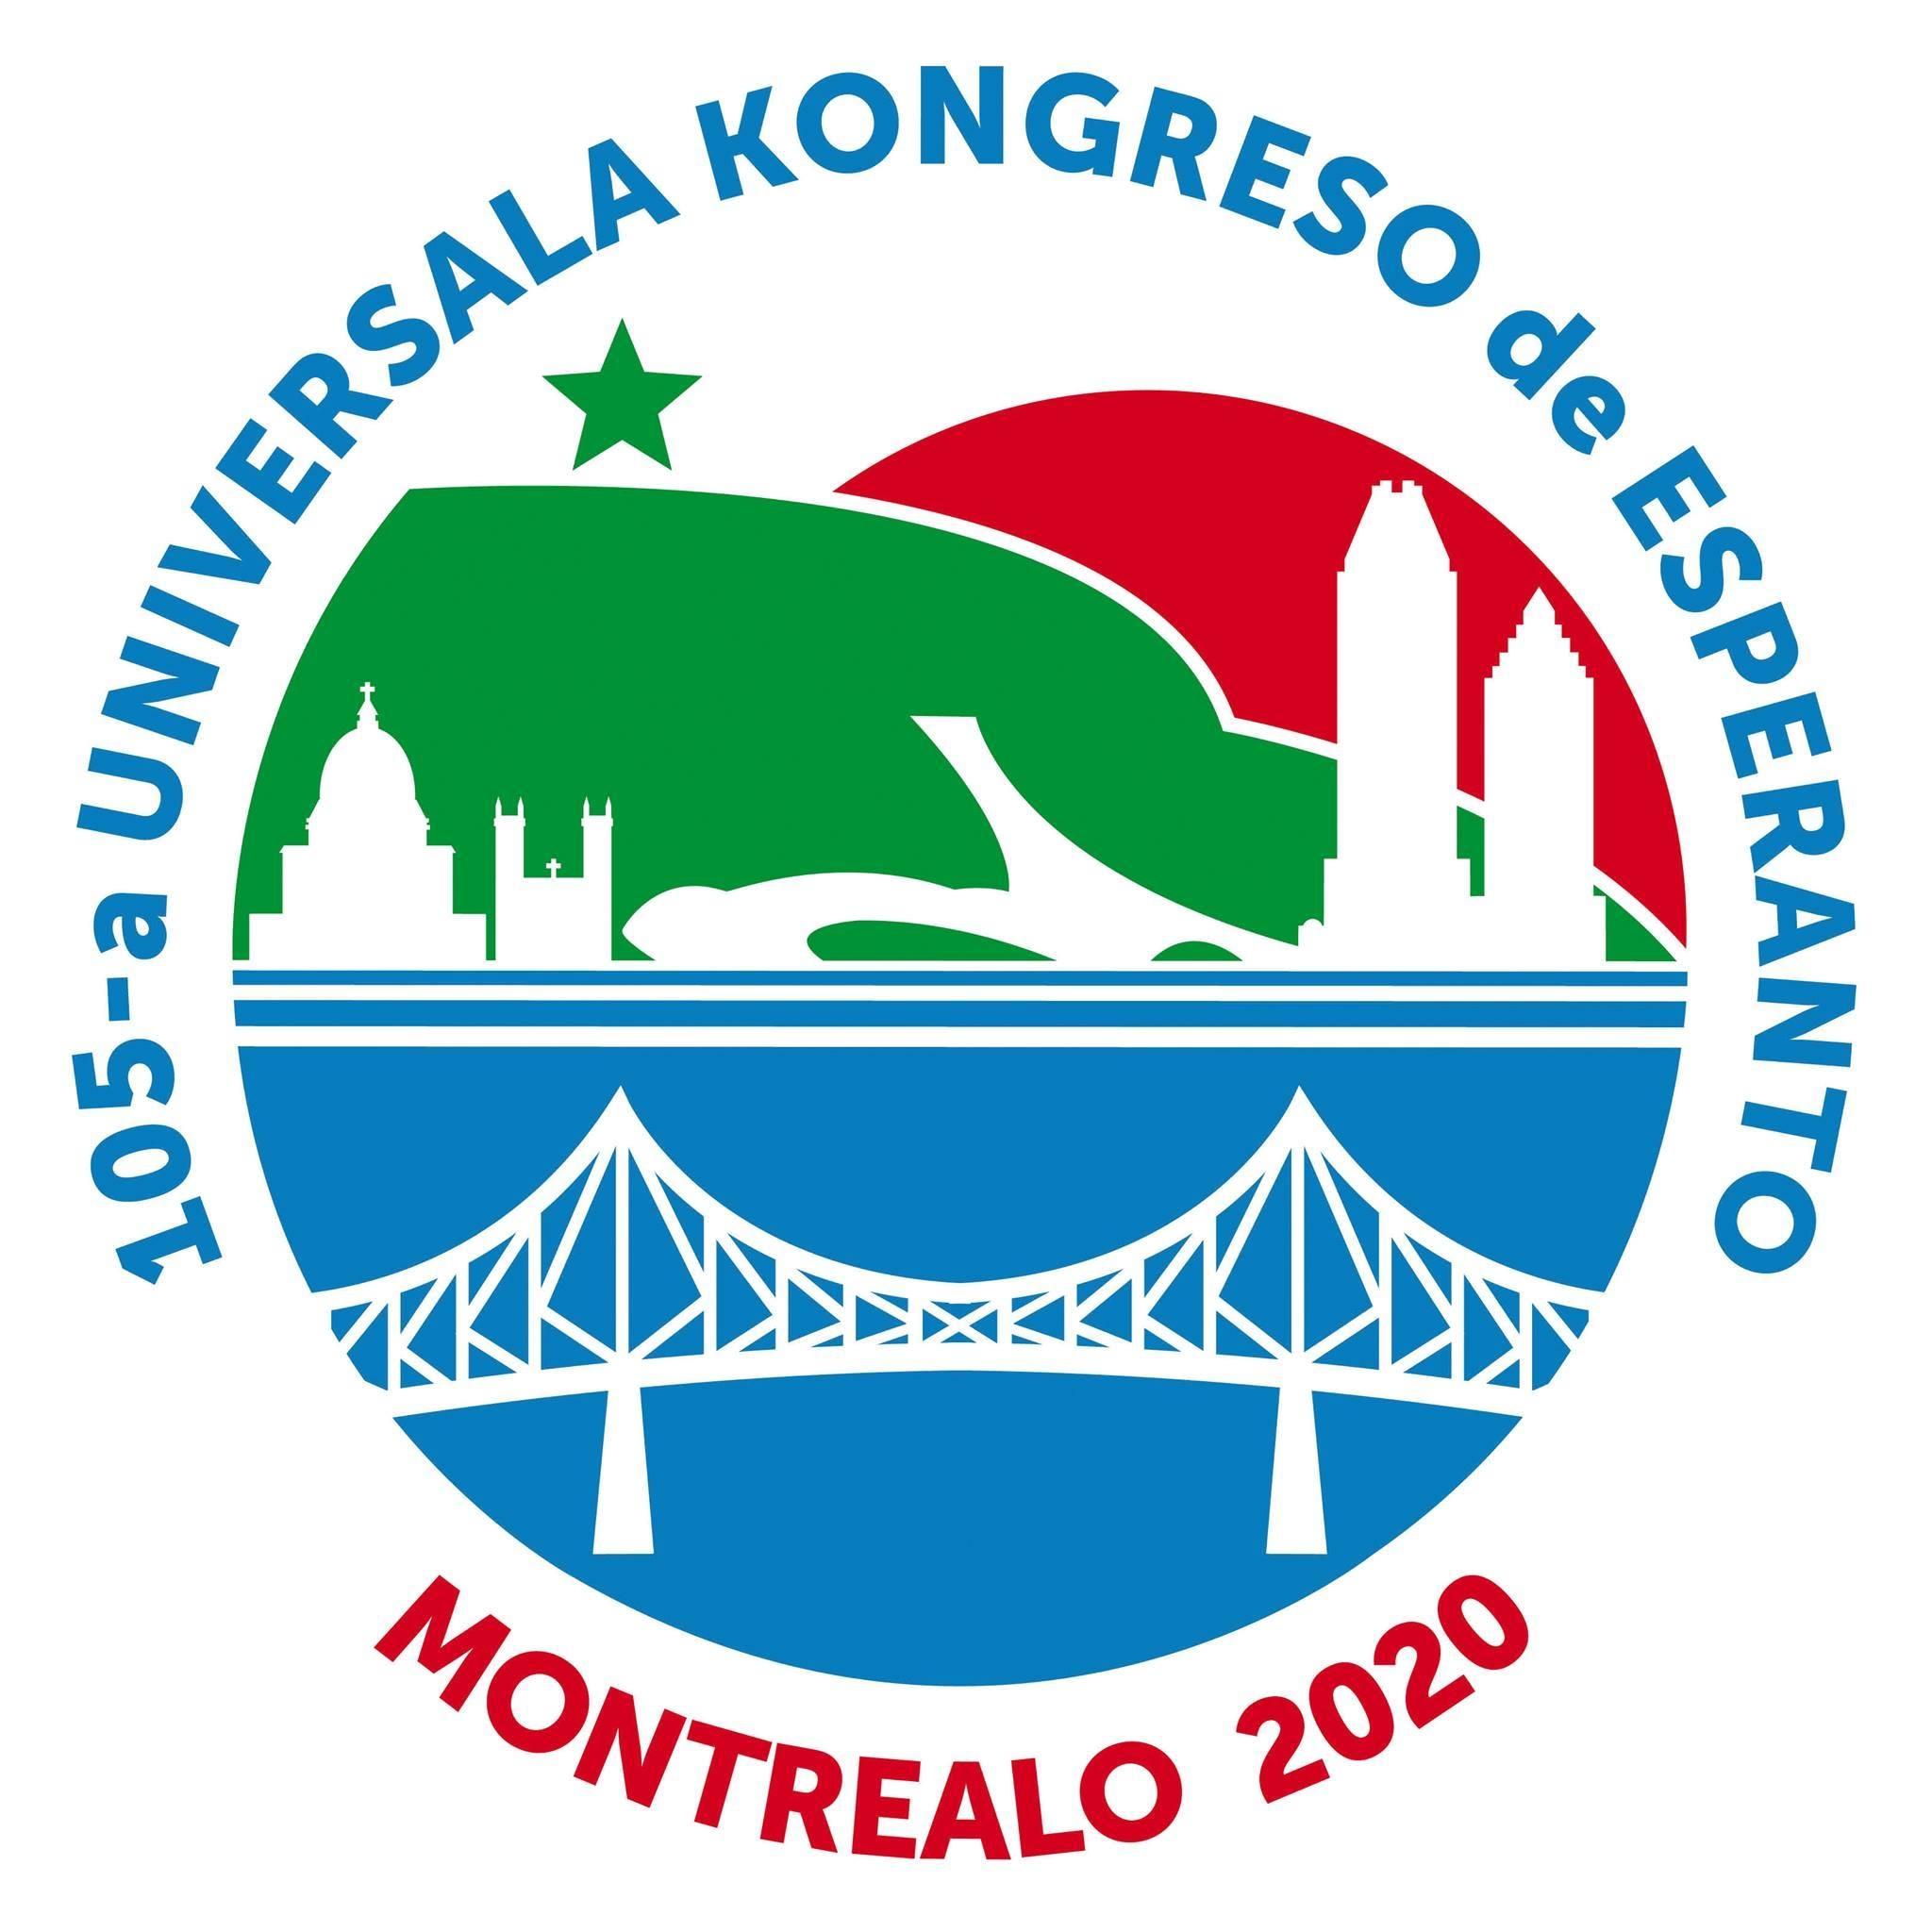 105ème Congrès mondial d'espéranto, 01-08 août 2020, à Montréal, Canada